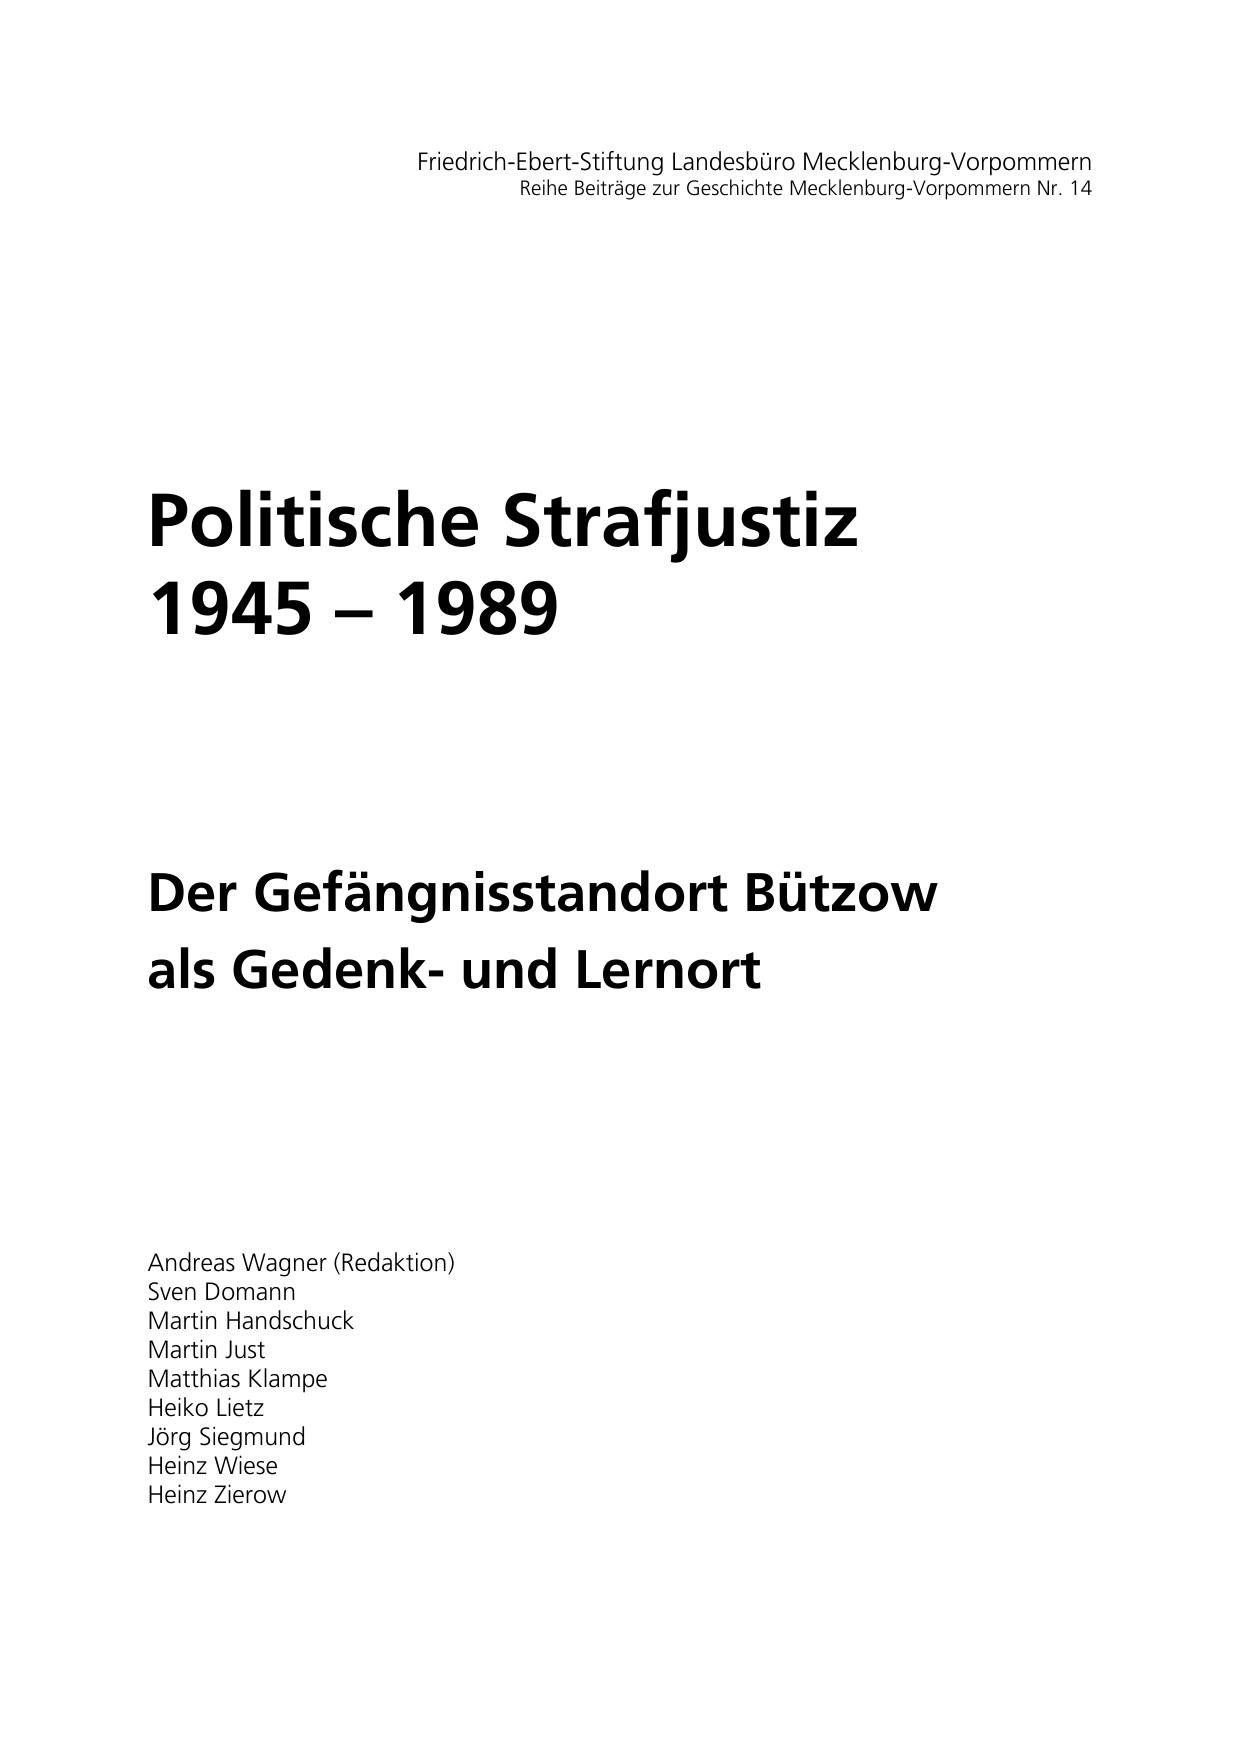 Konzeption Broschure Der Friedrich Ebert Stiftung